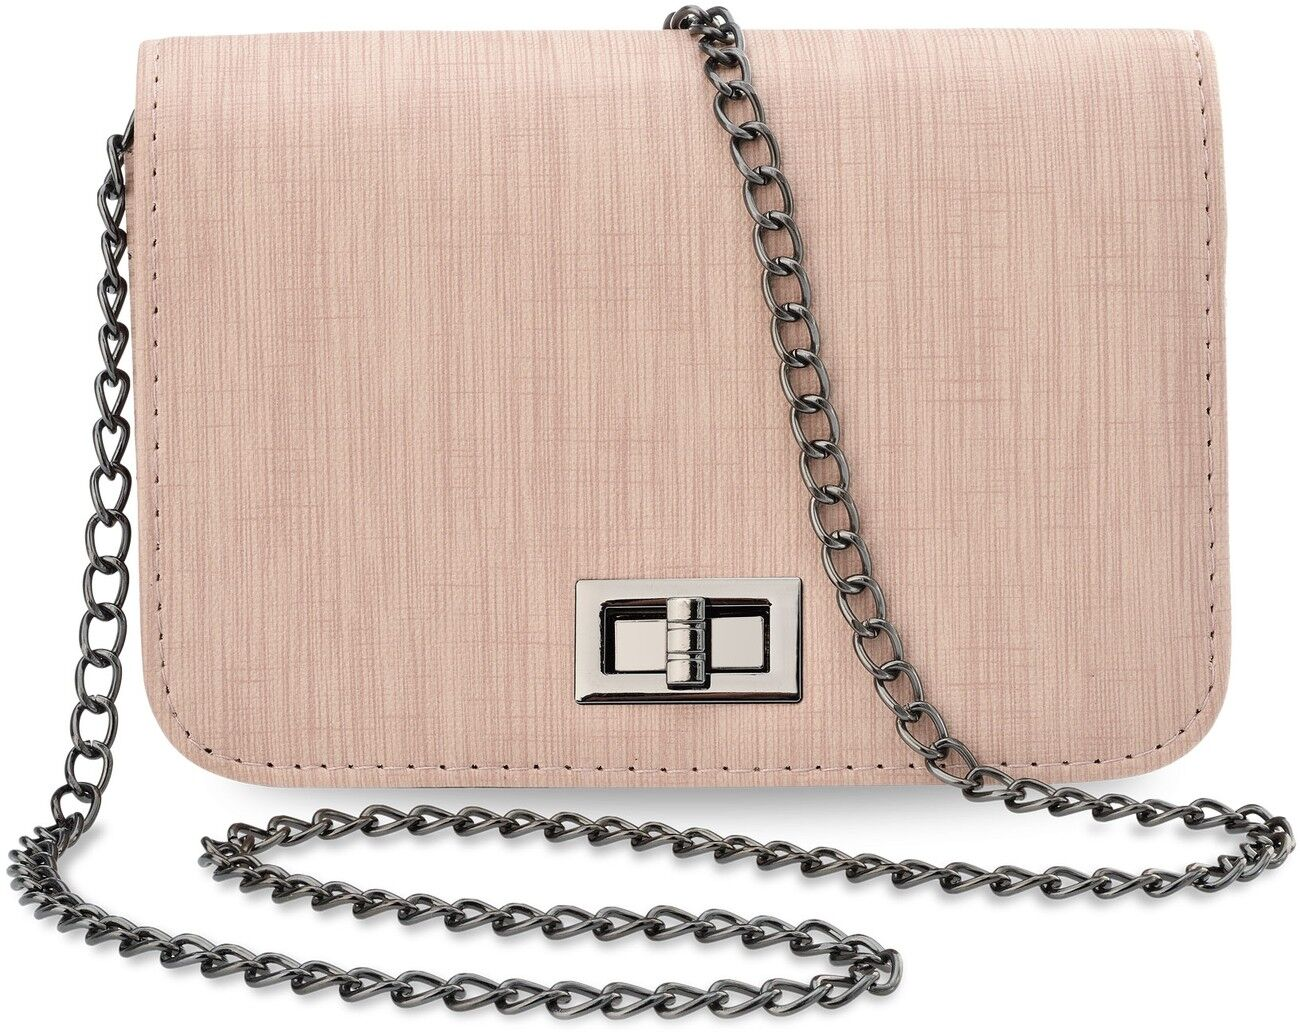 Kleine Schultertasche steife Ausführung Damentasche mit Kette Handtasche rosa